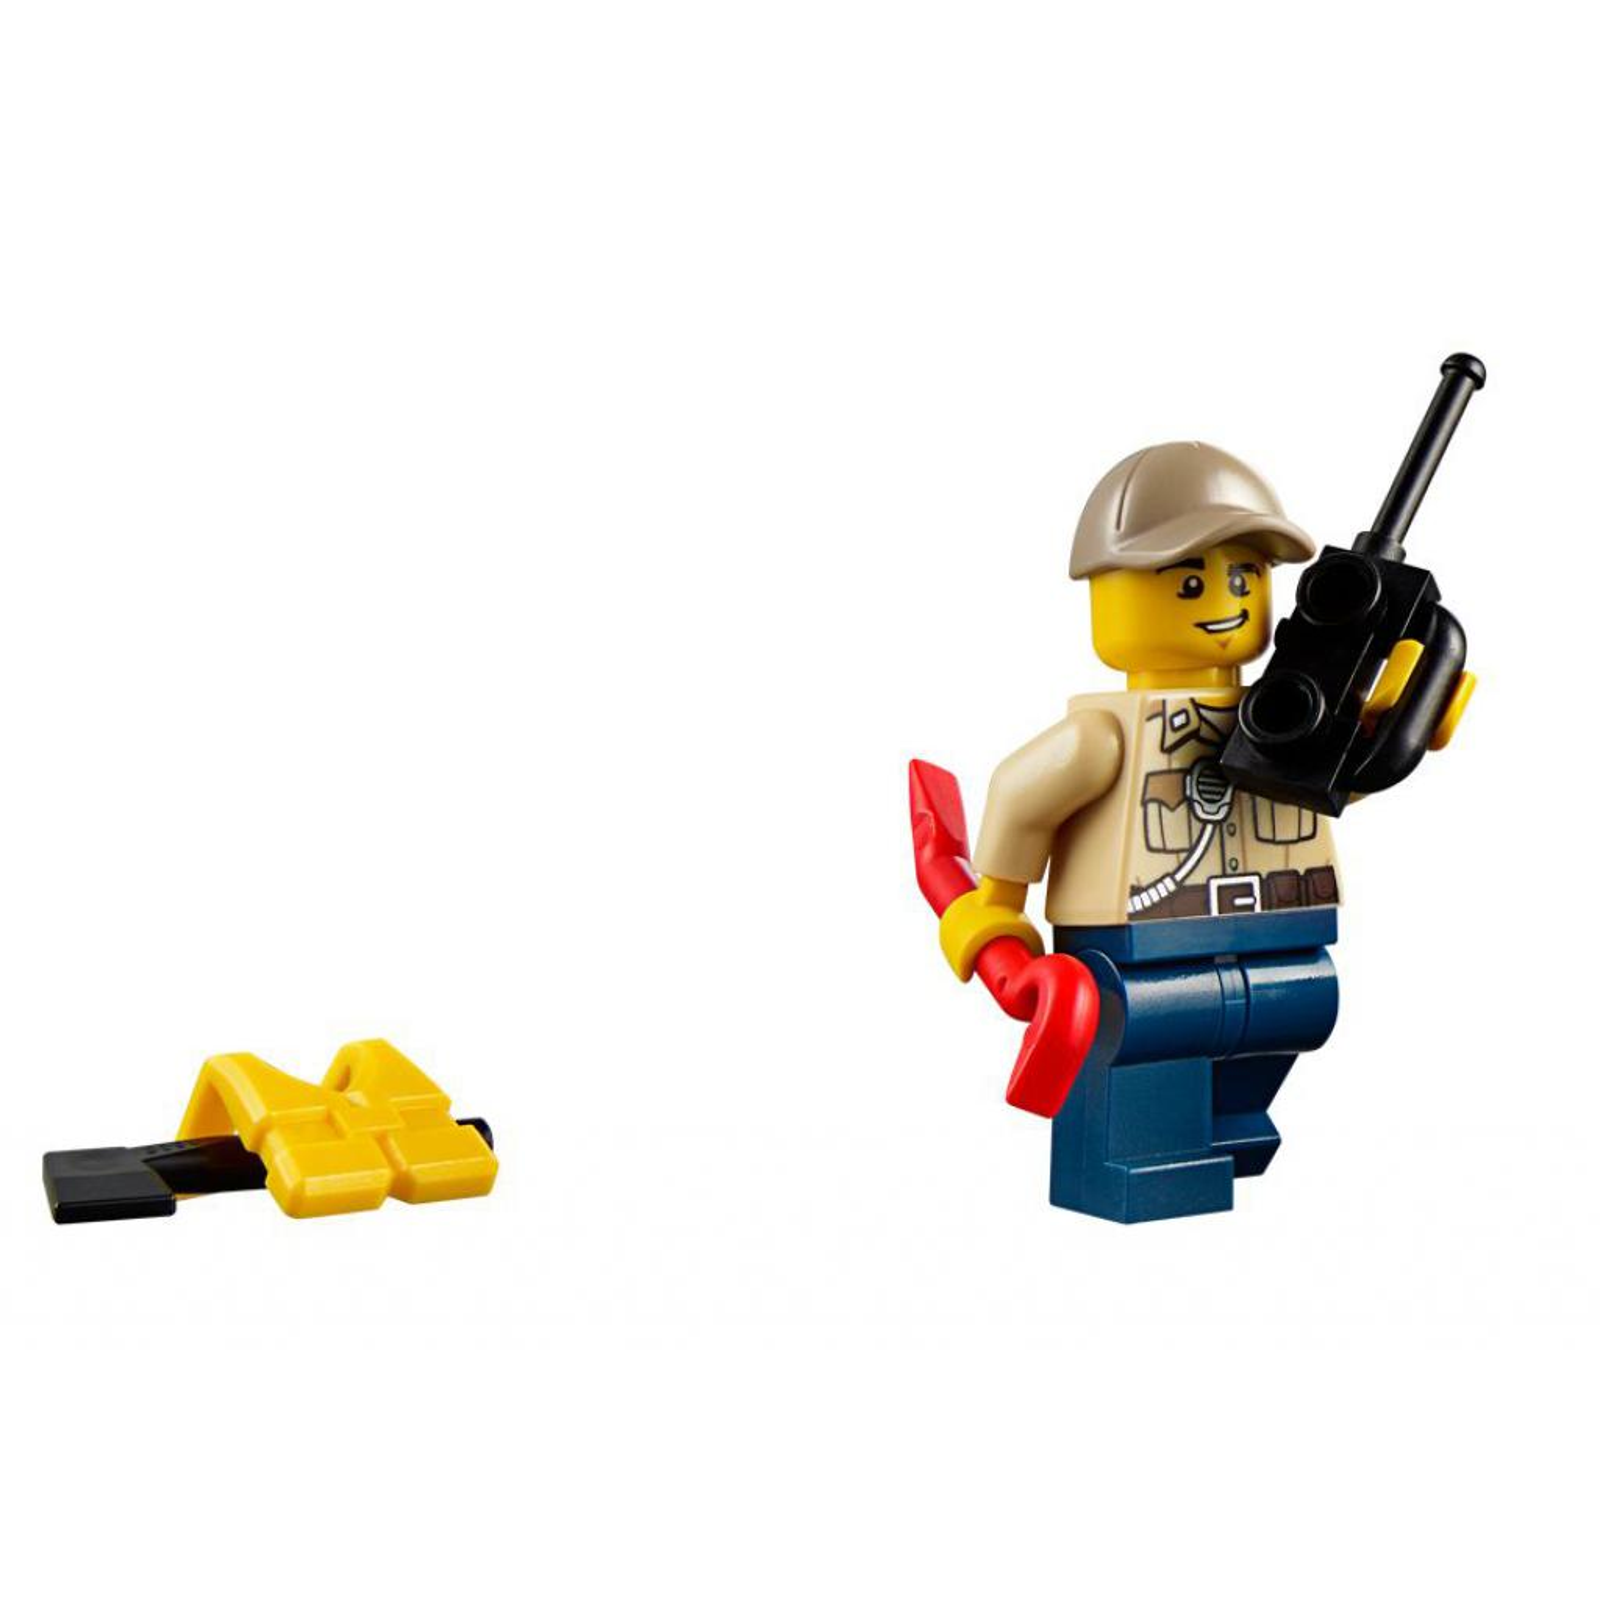 Конструктор LEGO City Полицейский корабль на воздушной подушке (60071) изображение 8